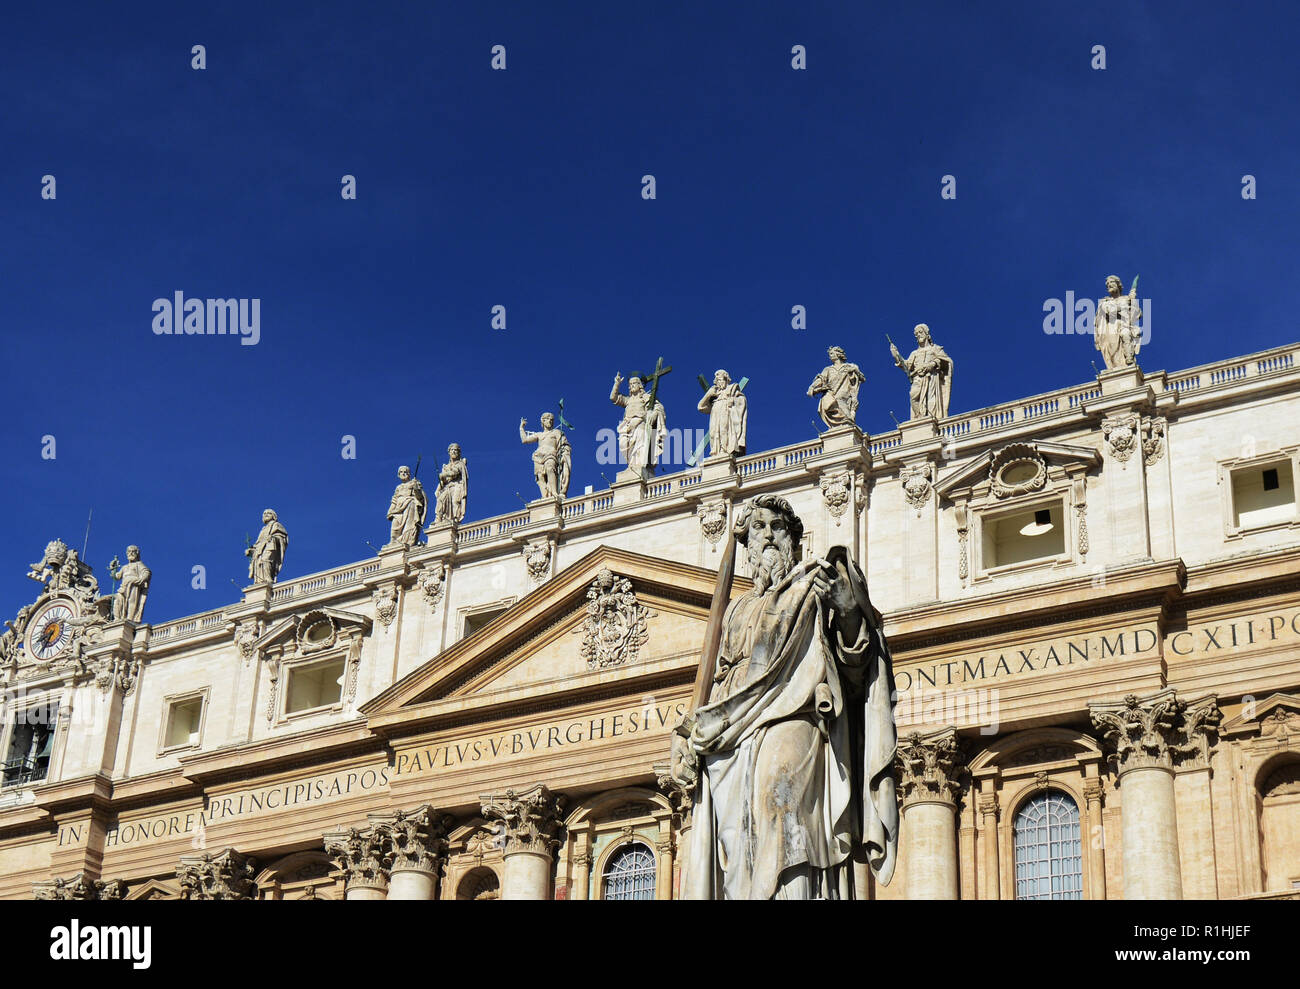 Estatua de San Pablo con la espada en el Vaticano delante de la Basílica de San Pedro en Roma, Italia Foto de stock